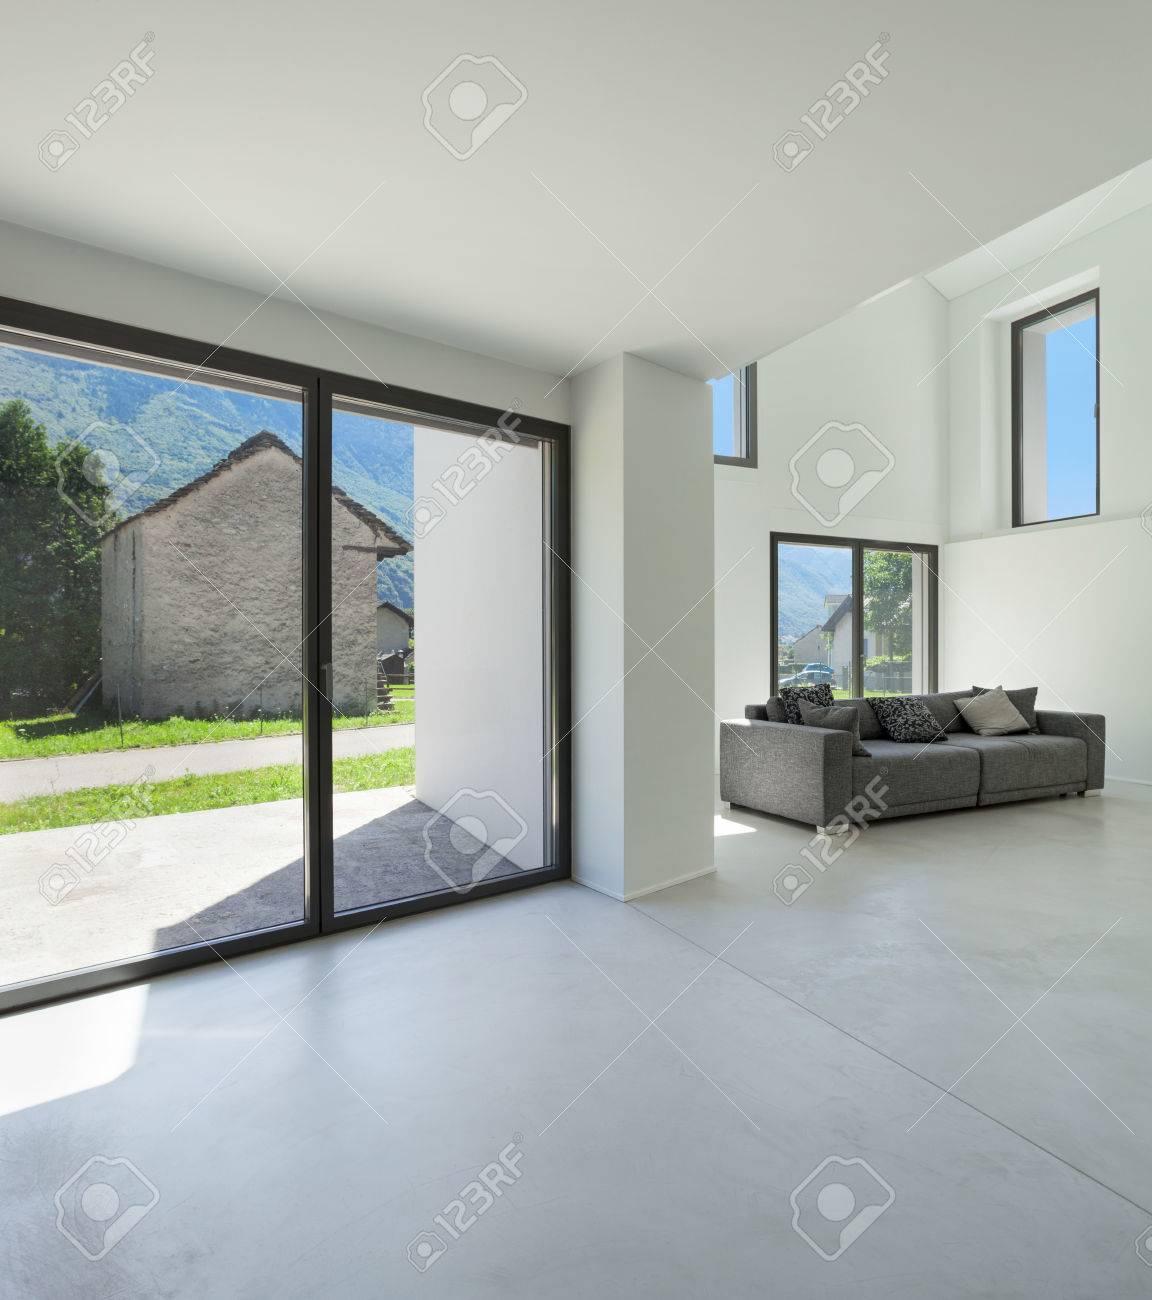 Architektur, Innen Modernes Haus, Wohnzimmer Mit Sofa- Lizenzfreie ...